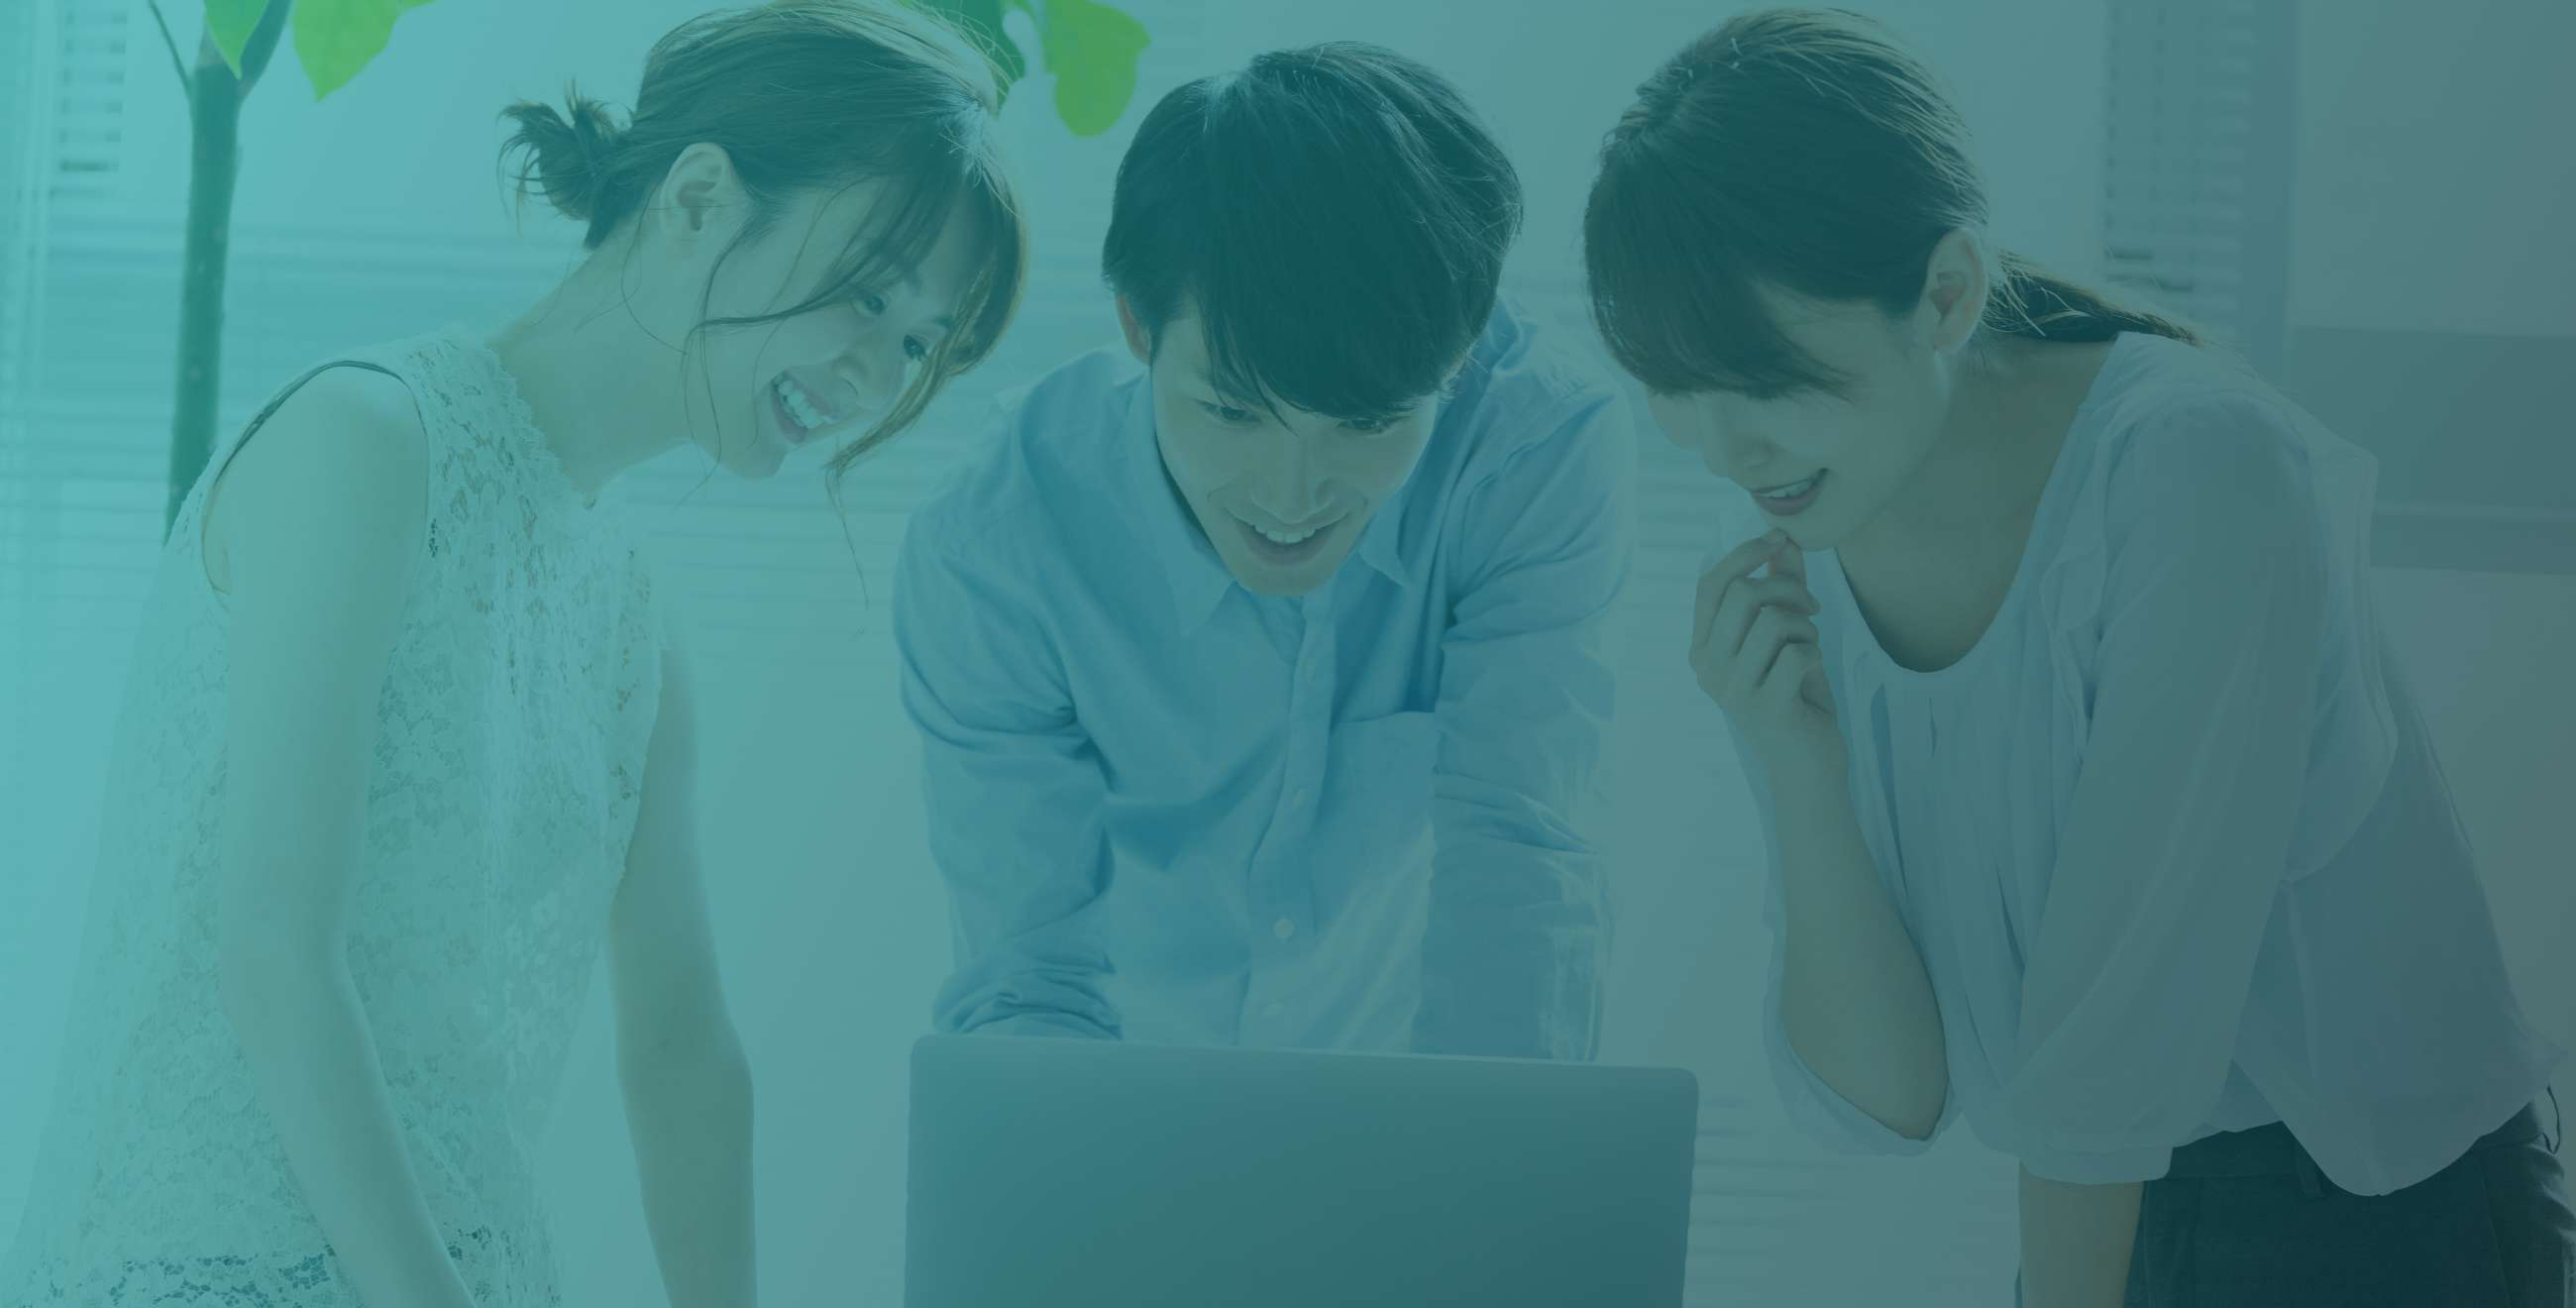 WEBデザイン会議中のイメージ